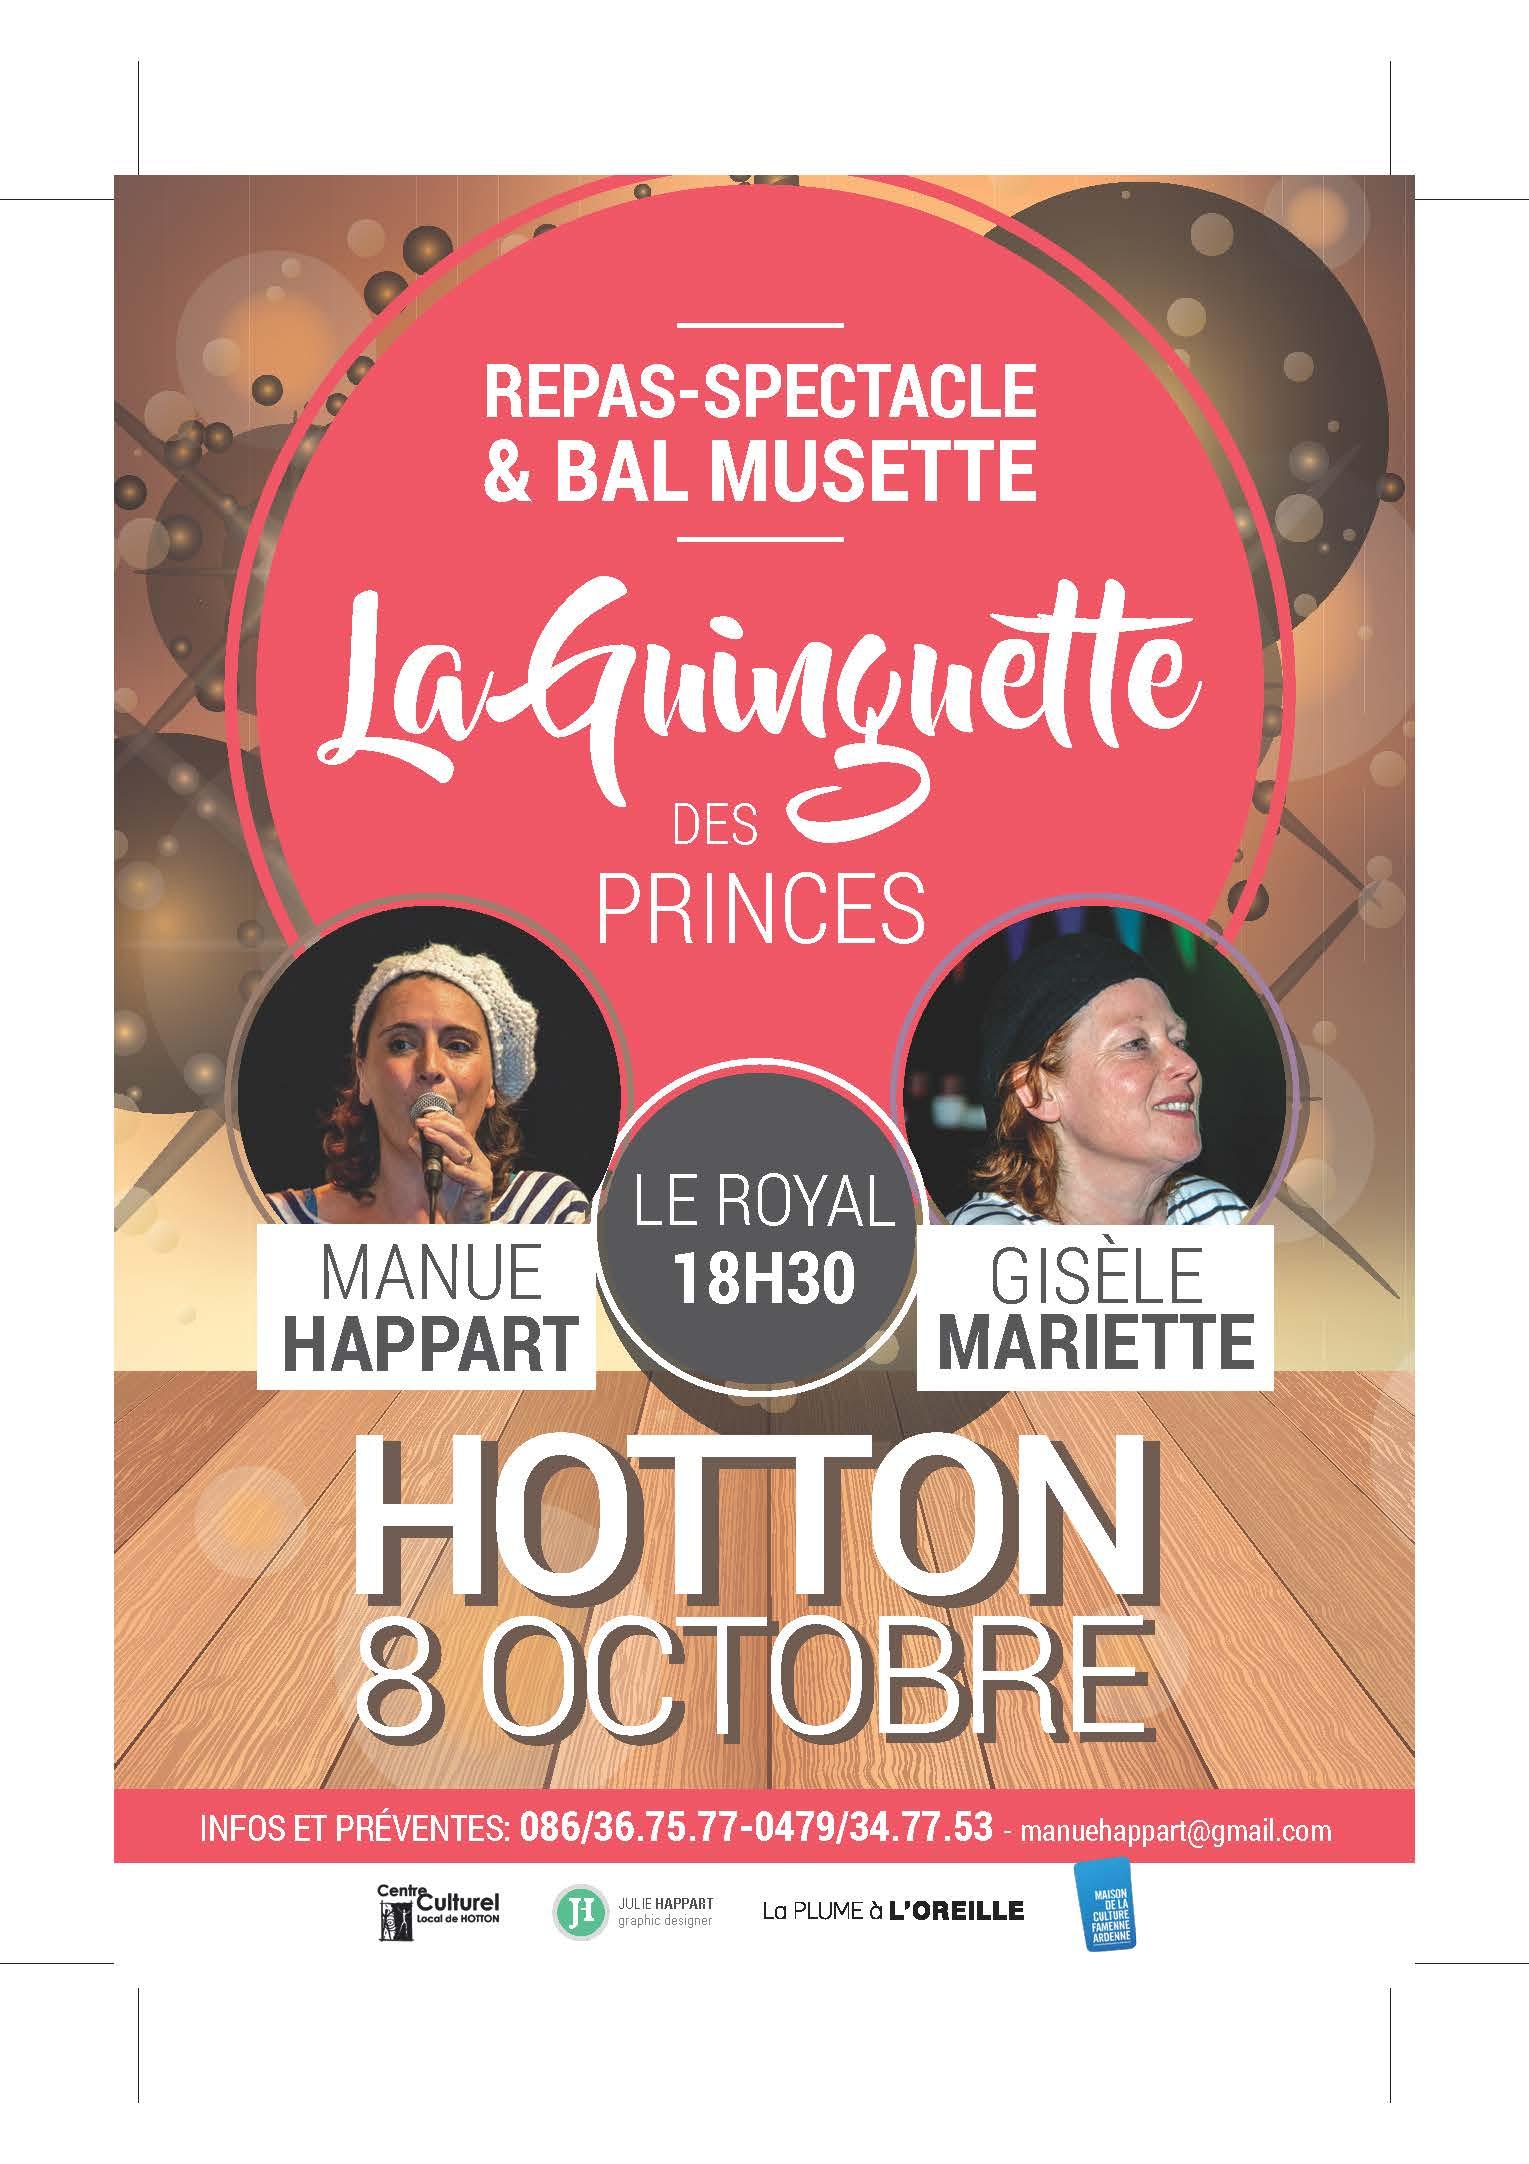 LA GUINGUETTE DES PRINCES » de Hotton.